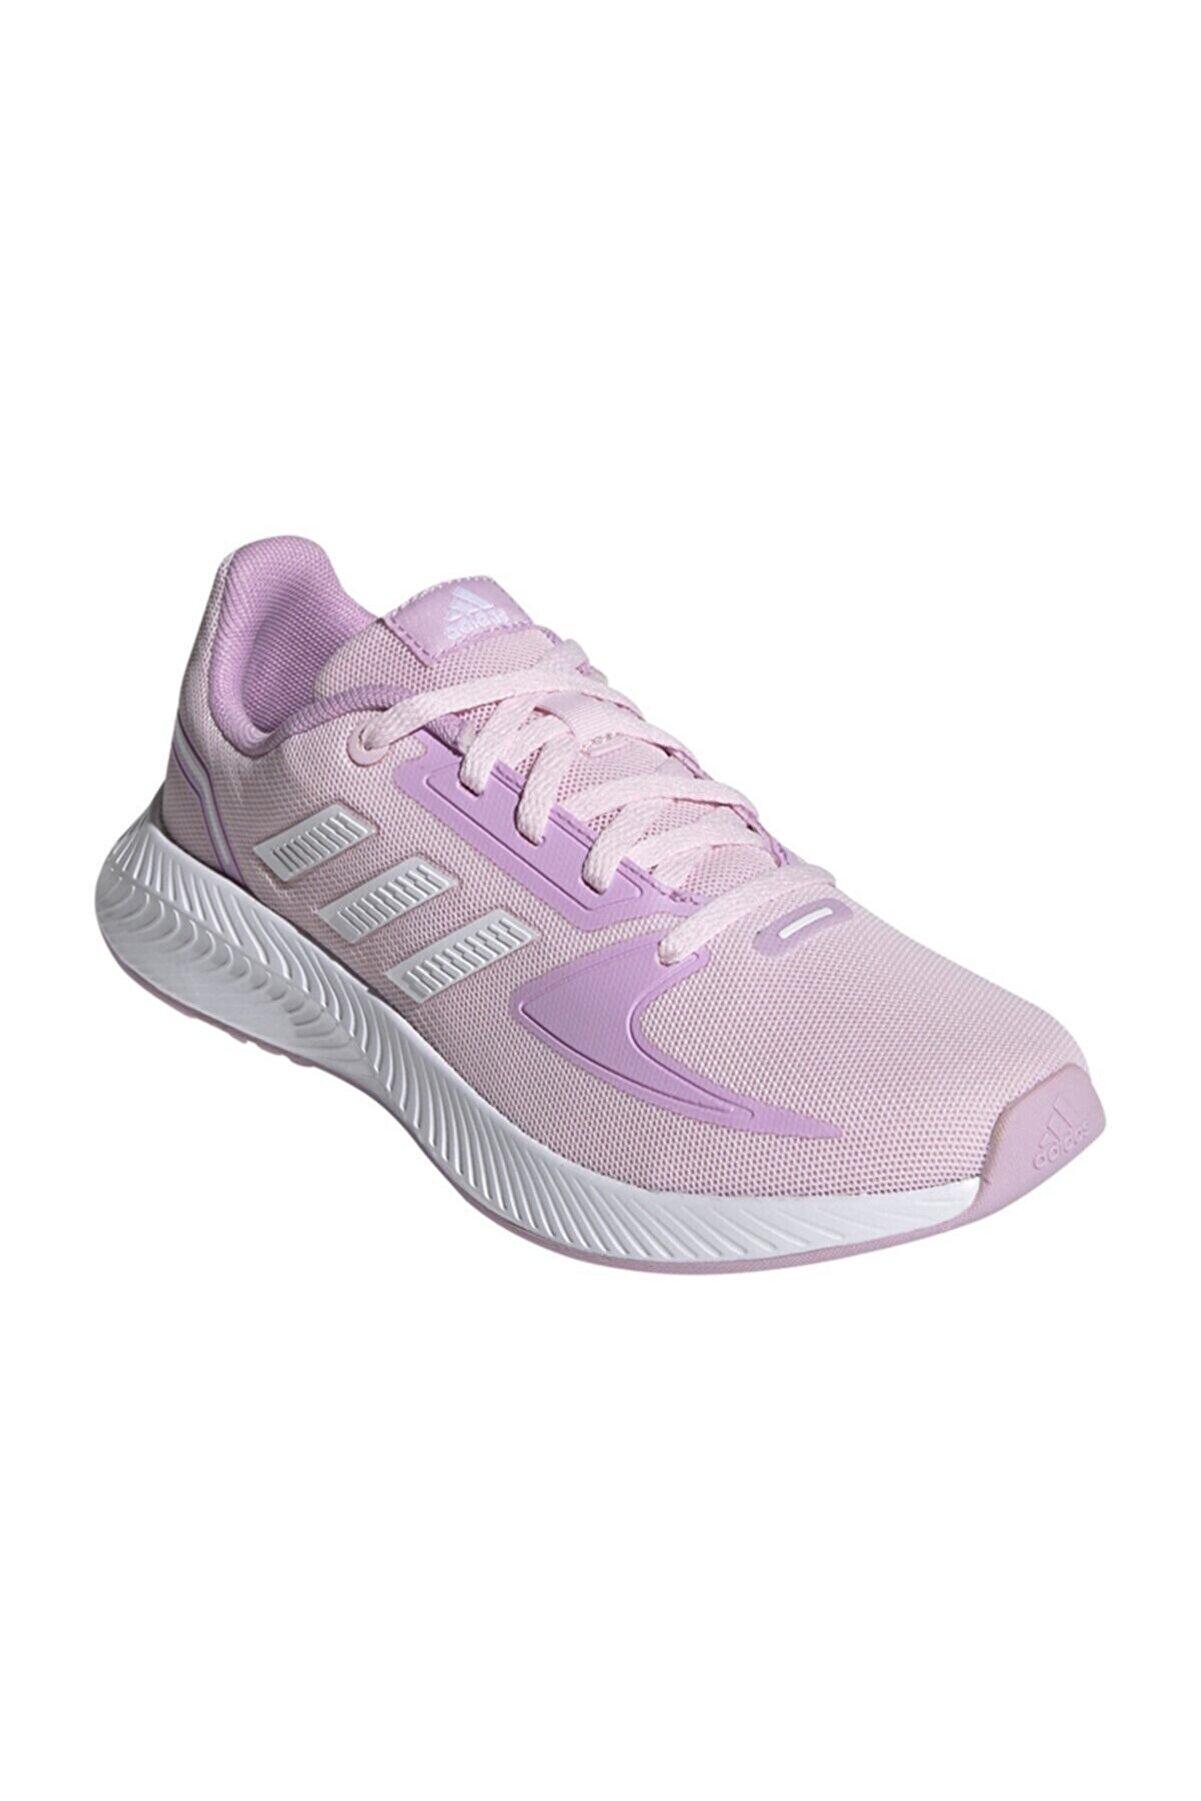 adidas RUNFALCON 2.0 K Pembe Erkek Çocuk Koşu Ayakkabısı 101079808